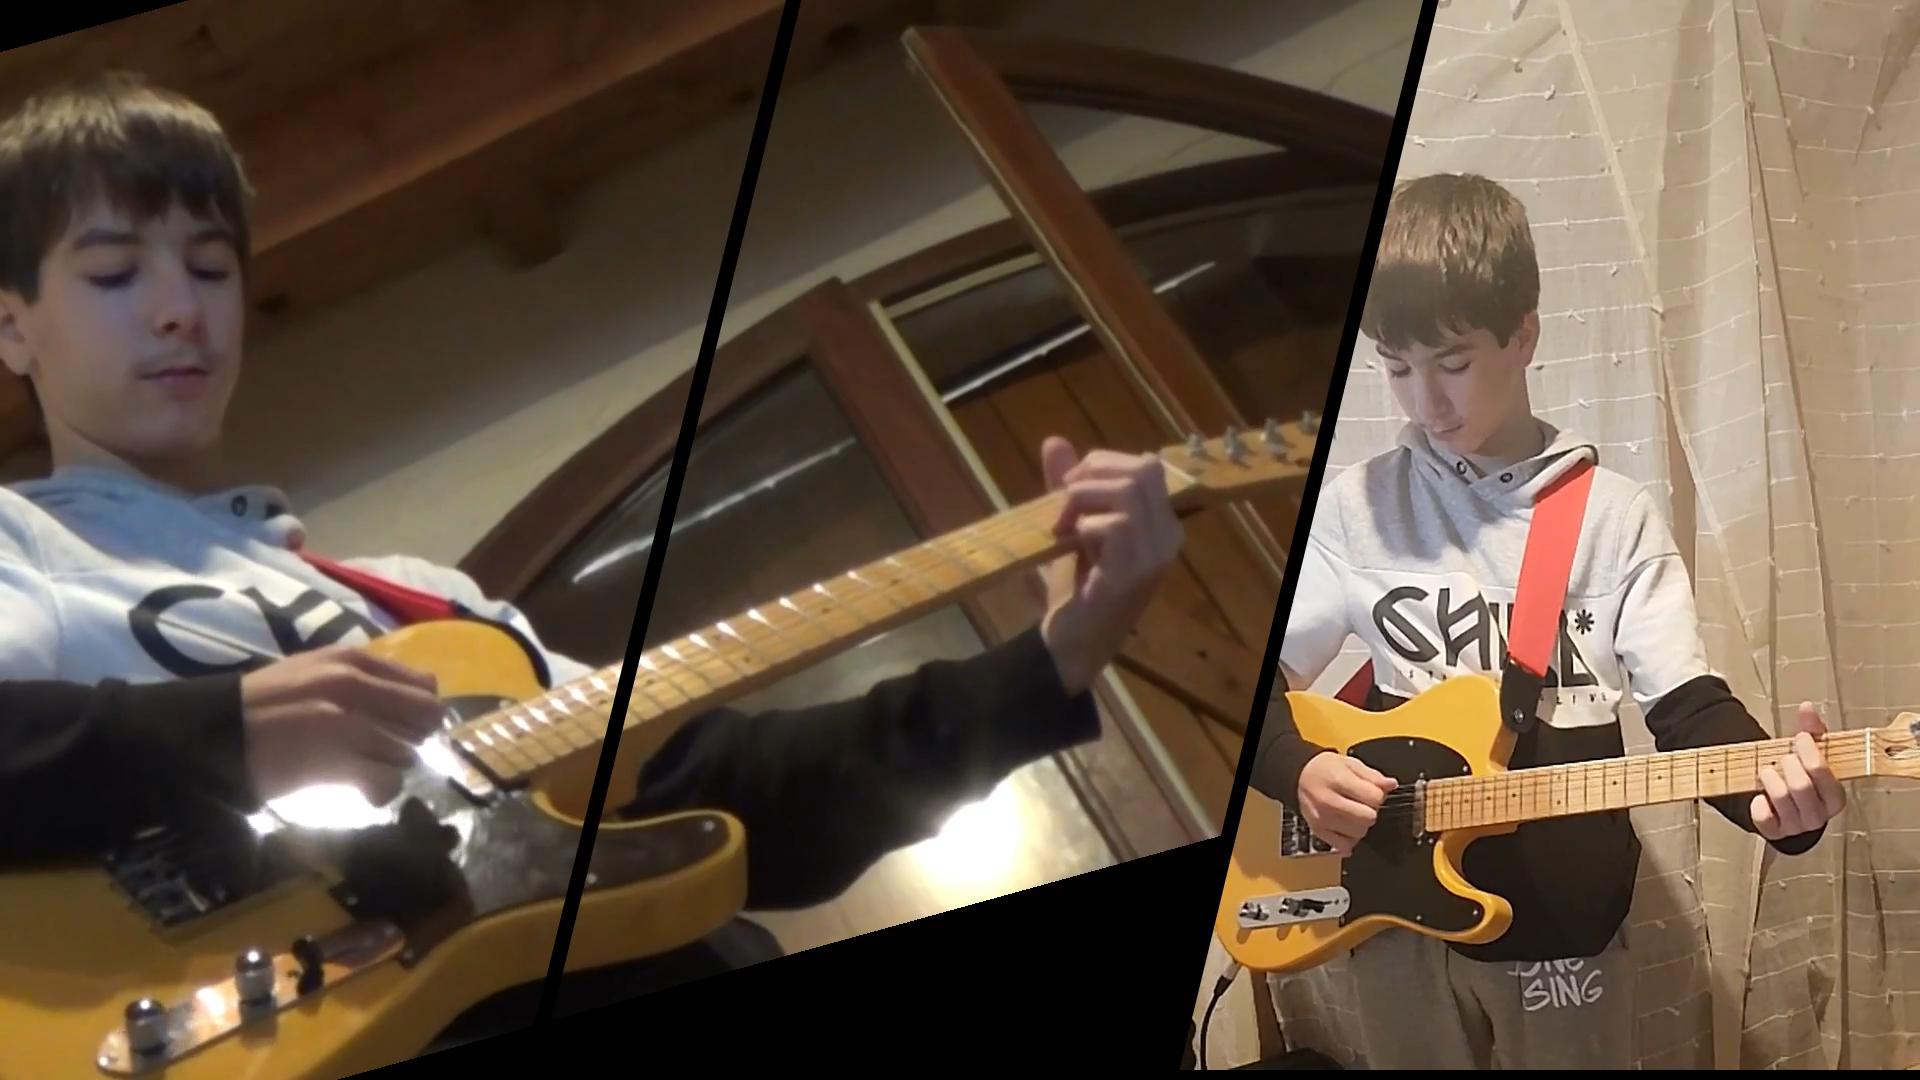 Les ateliers du Habert cours de guitare